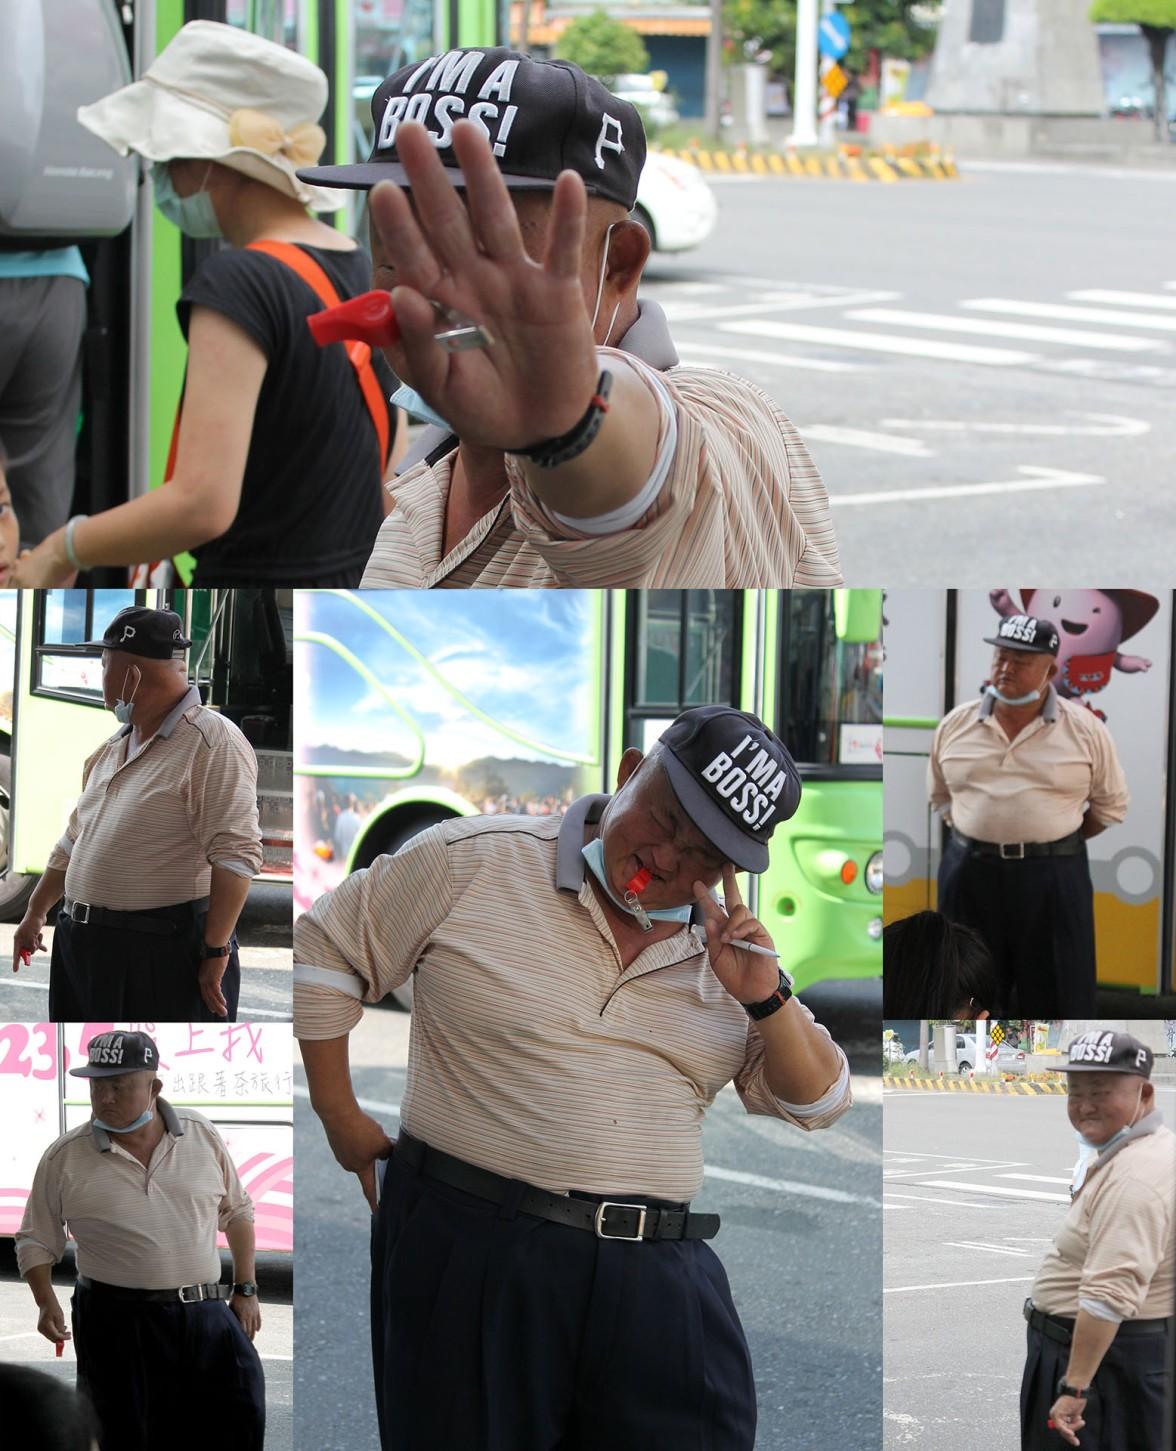 Si vous passez par la gare de Chiayi et que vous entendez des coups de sifflet particulièrement fort, vous pourrez surement admirer le Boss de Chiayi à l'oeuvre.